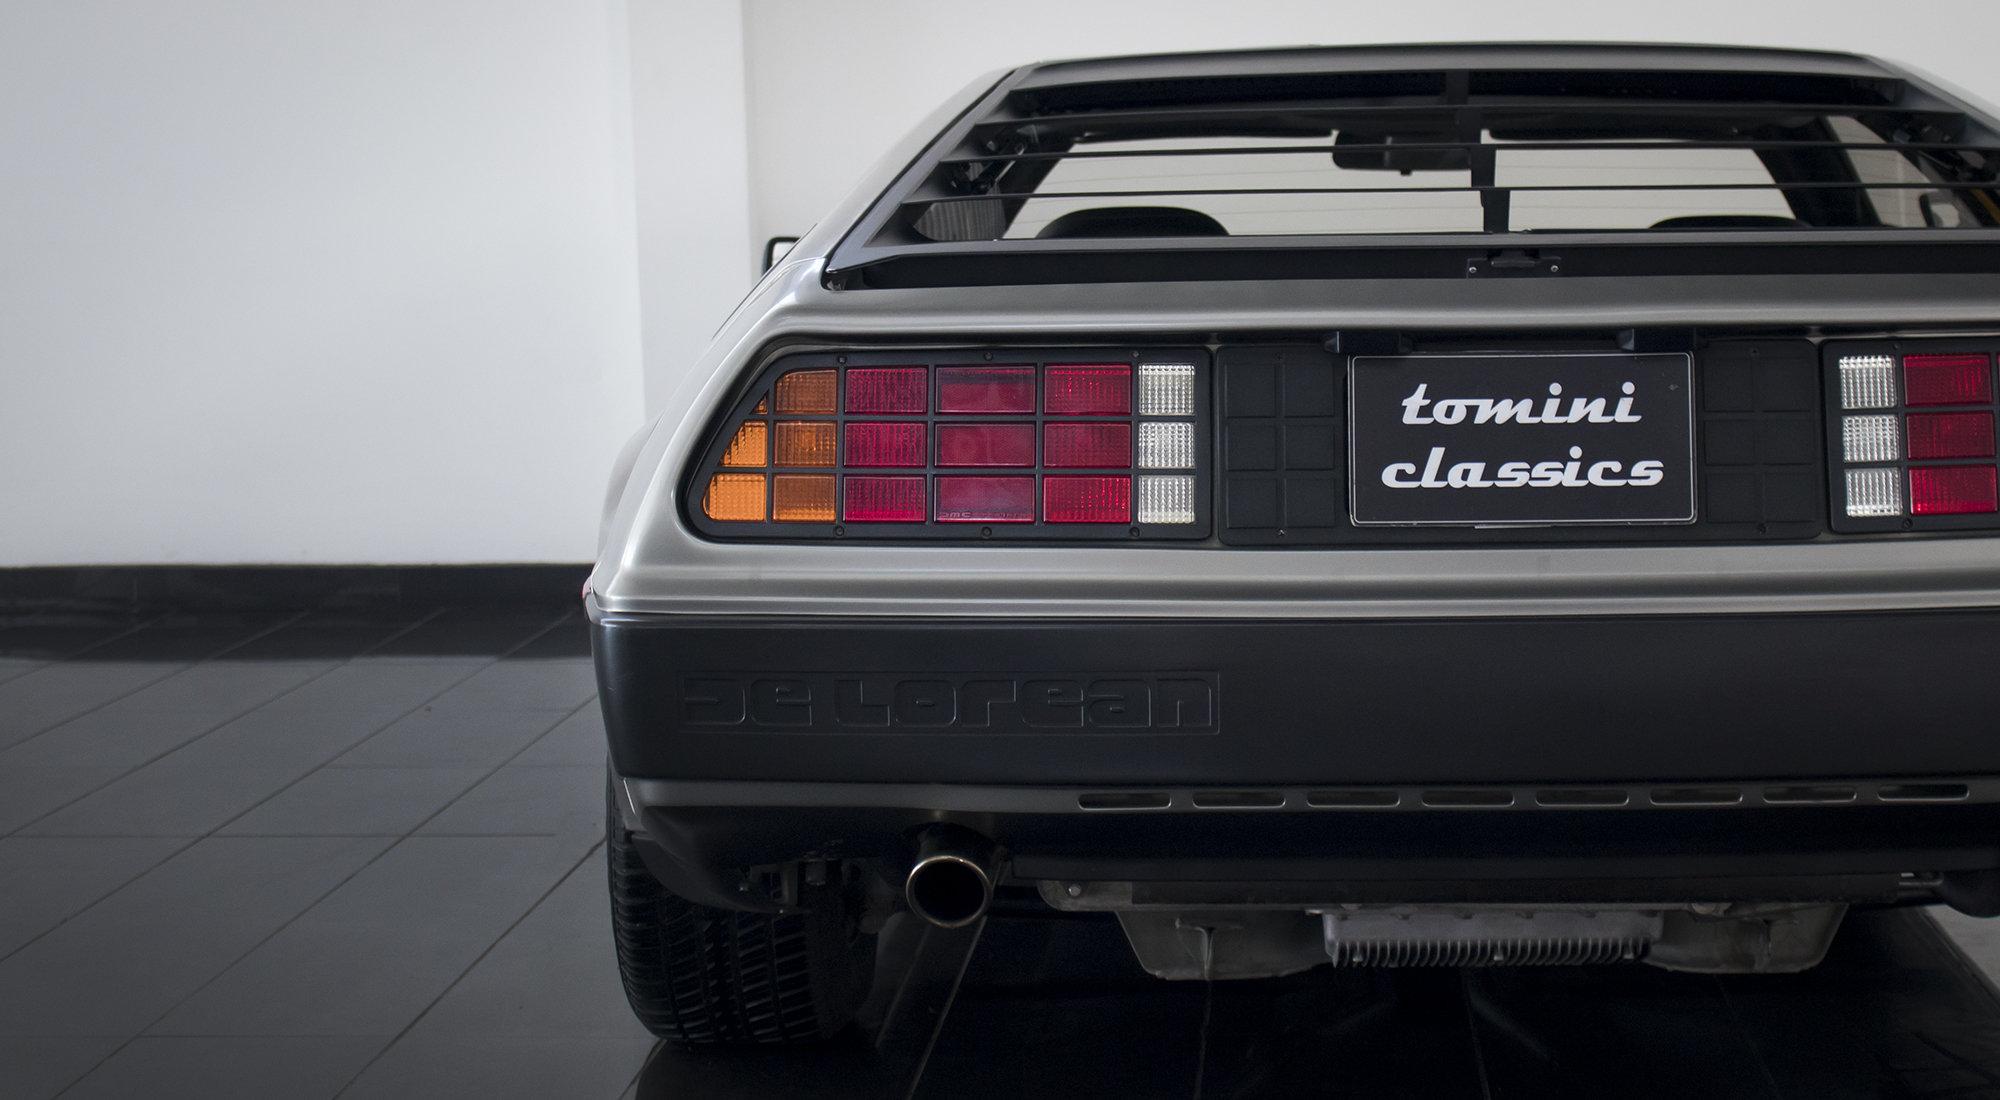 DeLorean DMC-12 (1981) For Sale (picture 6 of 6)